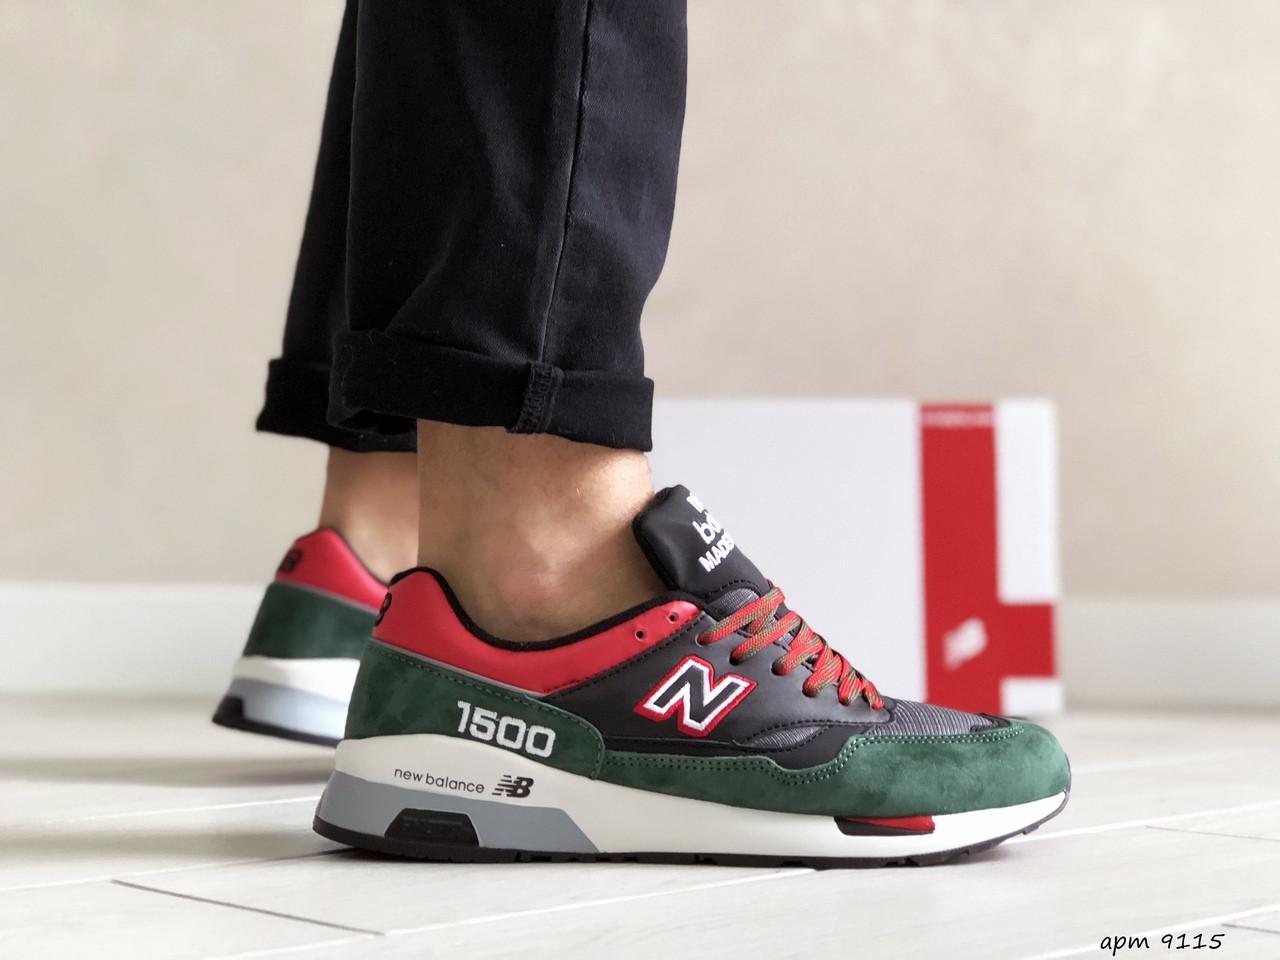 Замшевые мужские кроссовки (в стиле) New Balance 1500,черные с зеленым